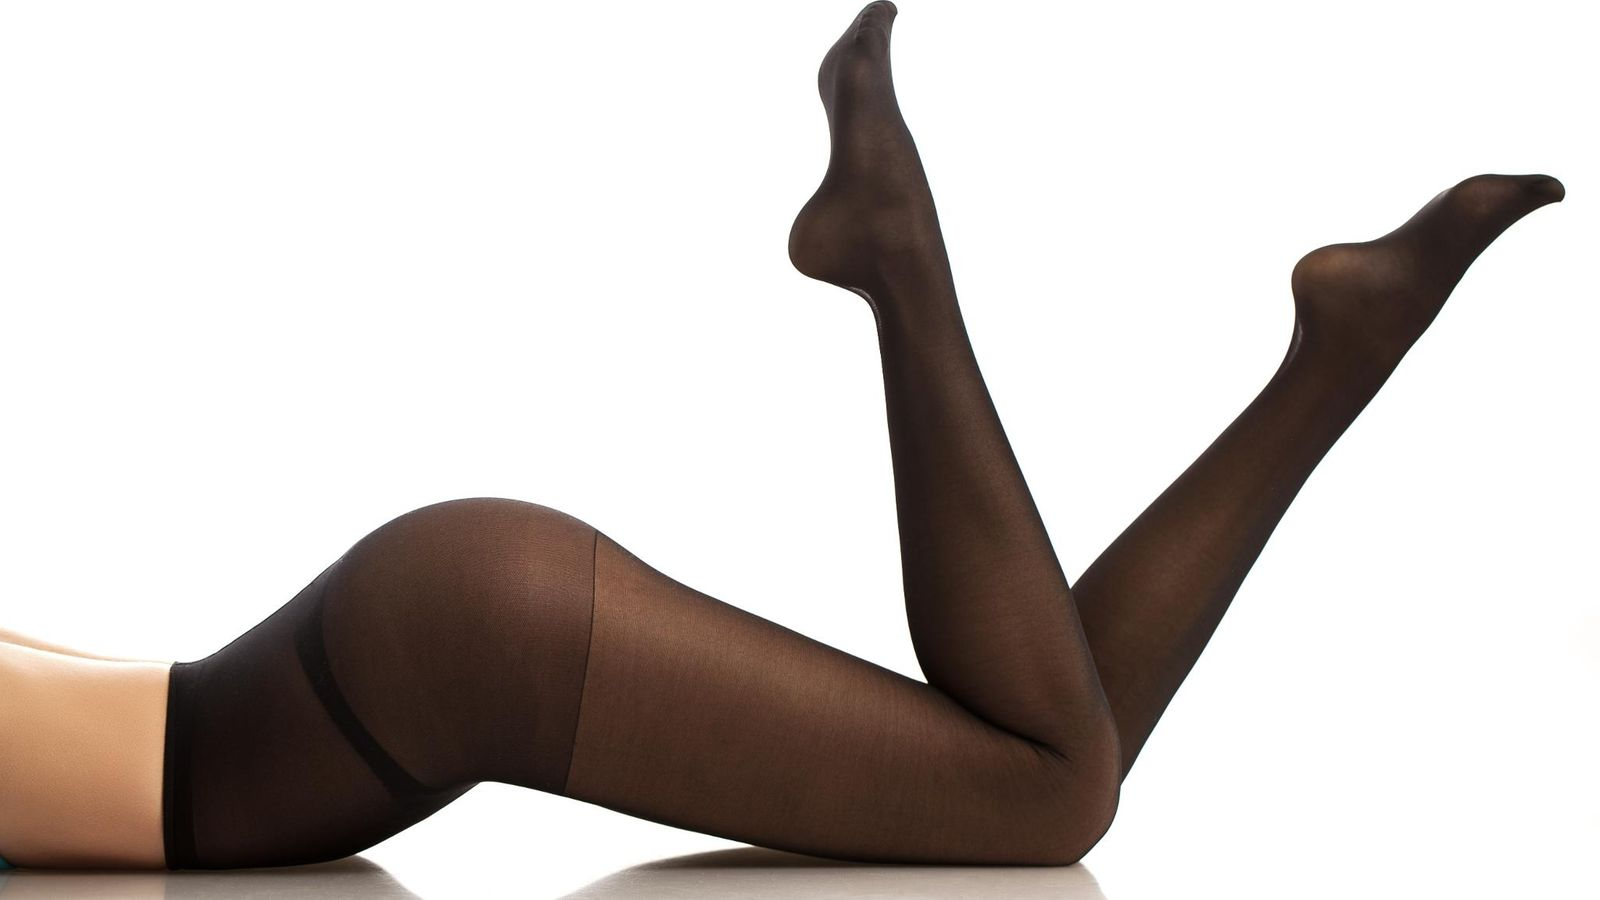 mustat vai ihonväriset sukkahousut Aanekoski